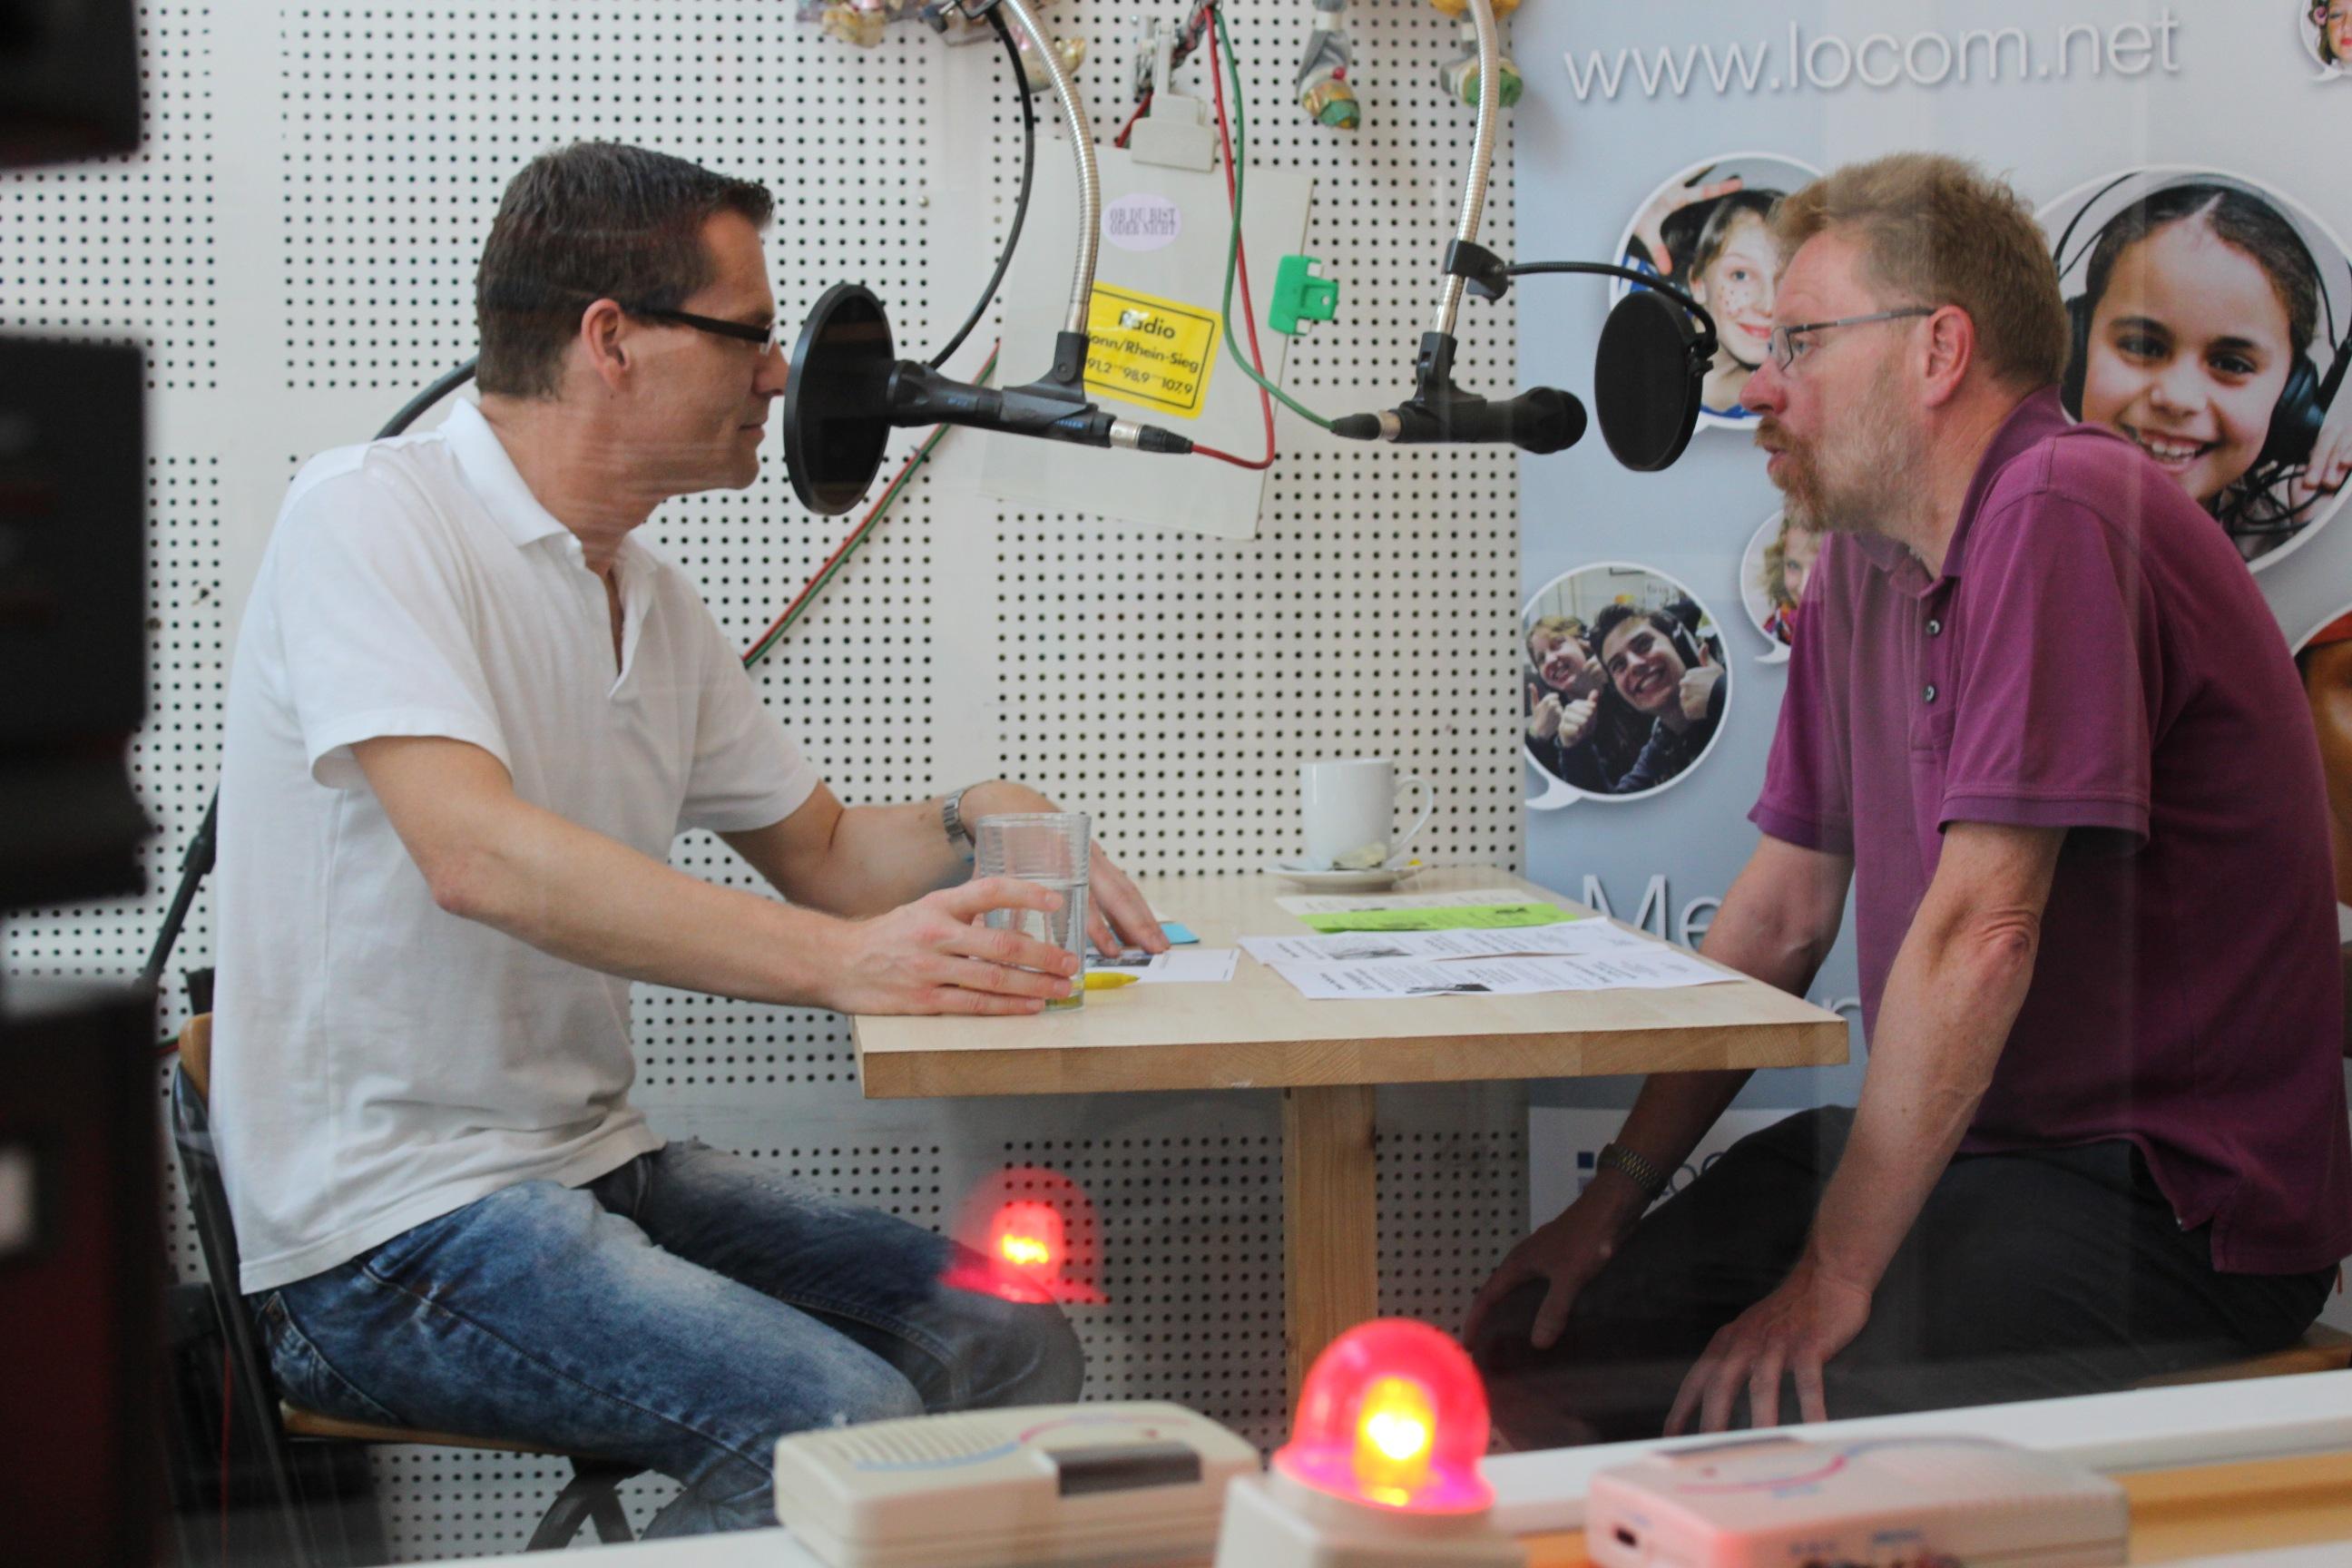 LoComNet-Interview zu den Herbstveranstaltungen. Wird am Montag, 14.09.2015 ab 21:00 Uhr in Radio Bonn/Rhein-Sieg gesendet.